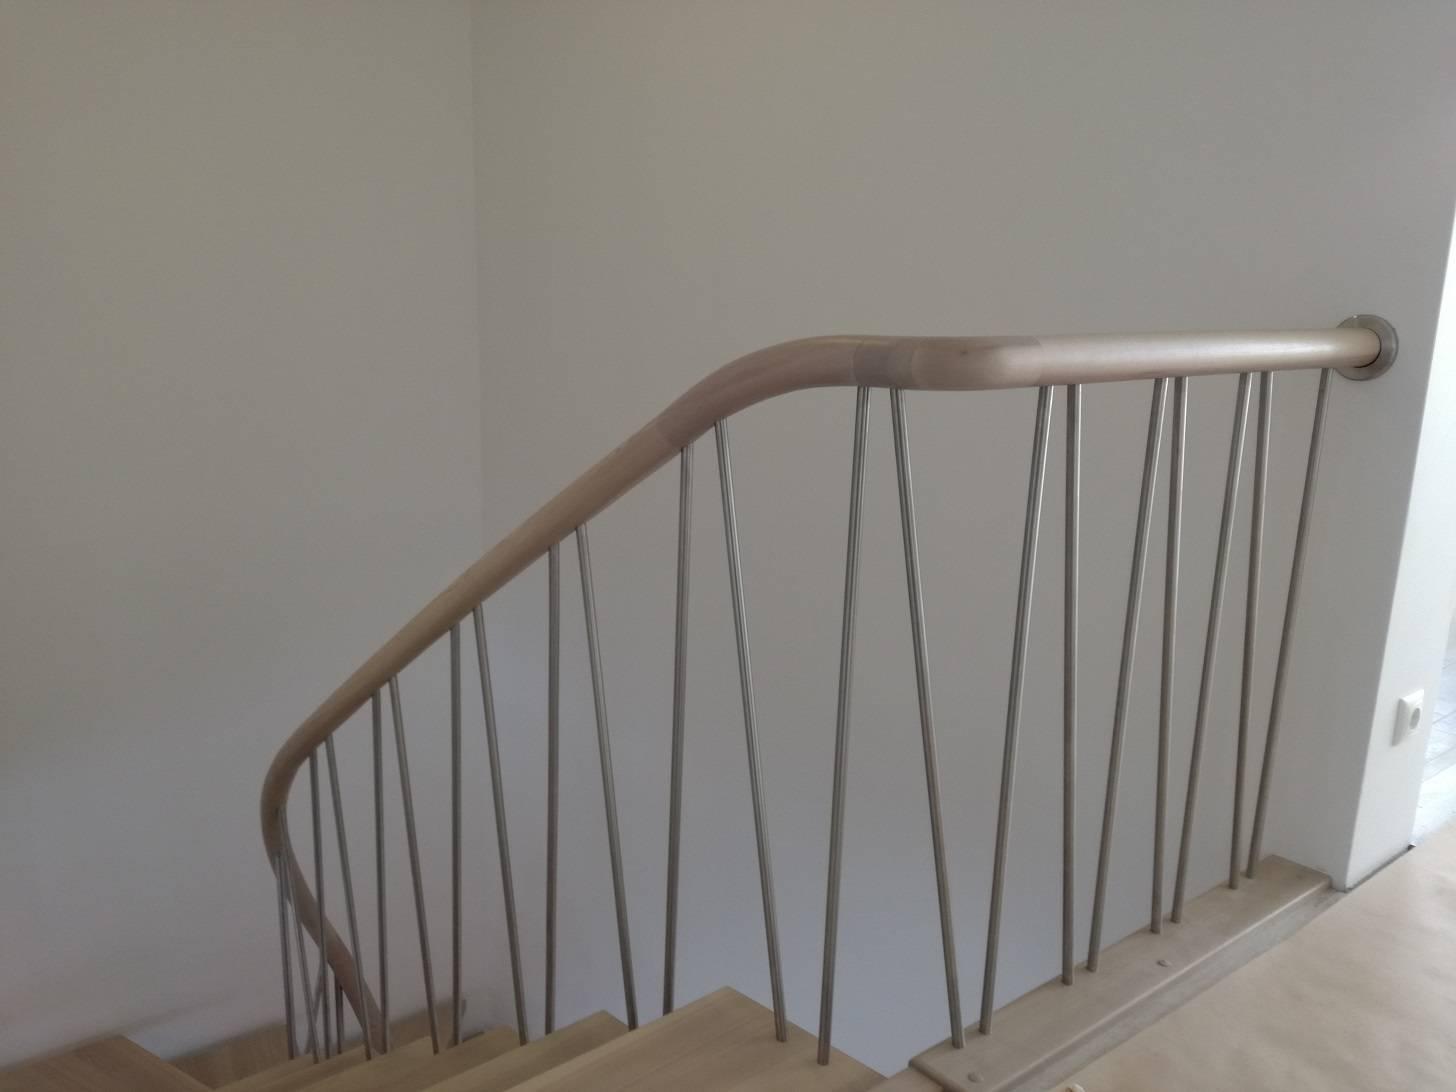 uosines 50 mm pakopos laiptai erdviniai apvalus porankiai